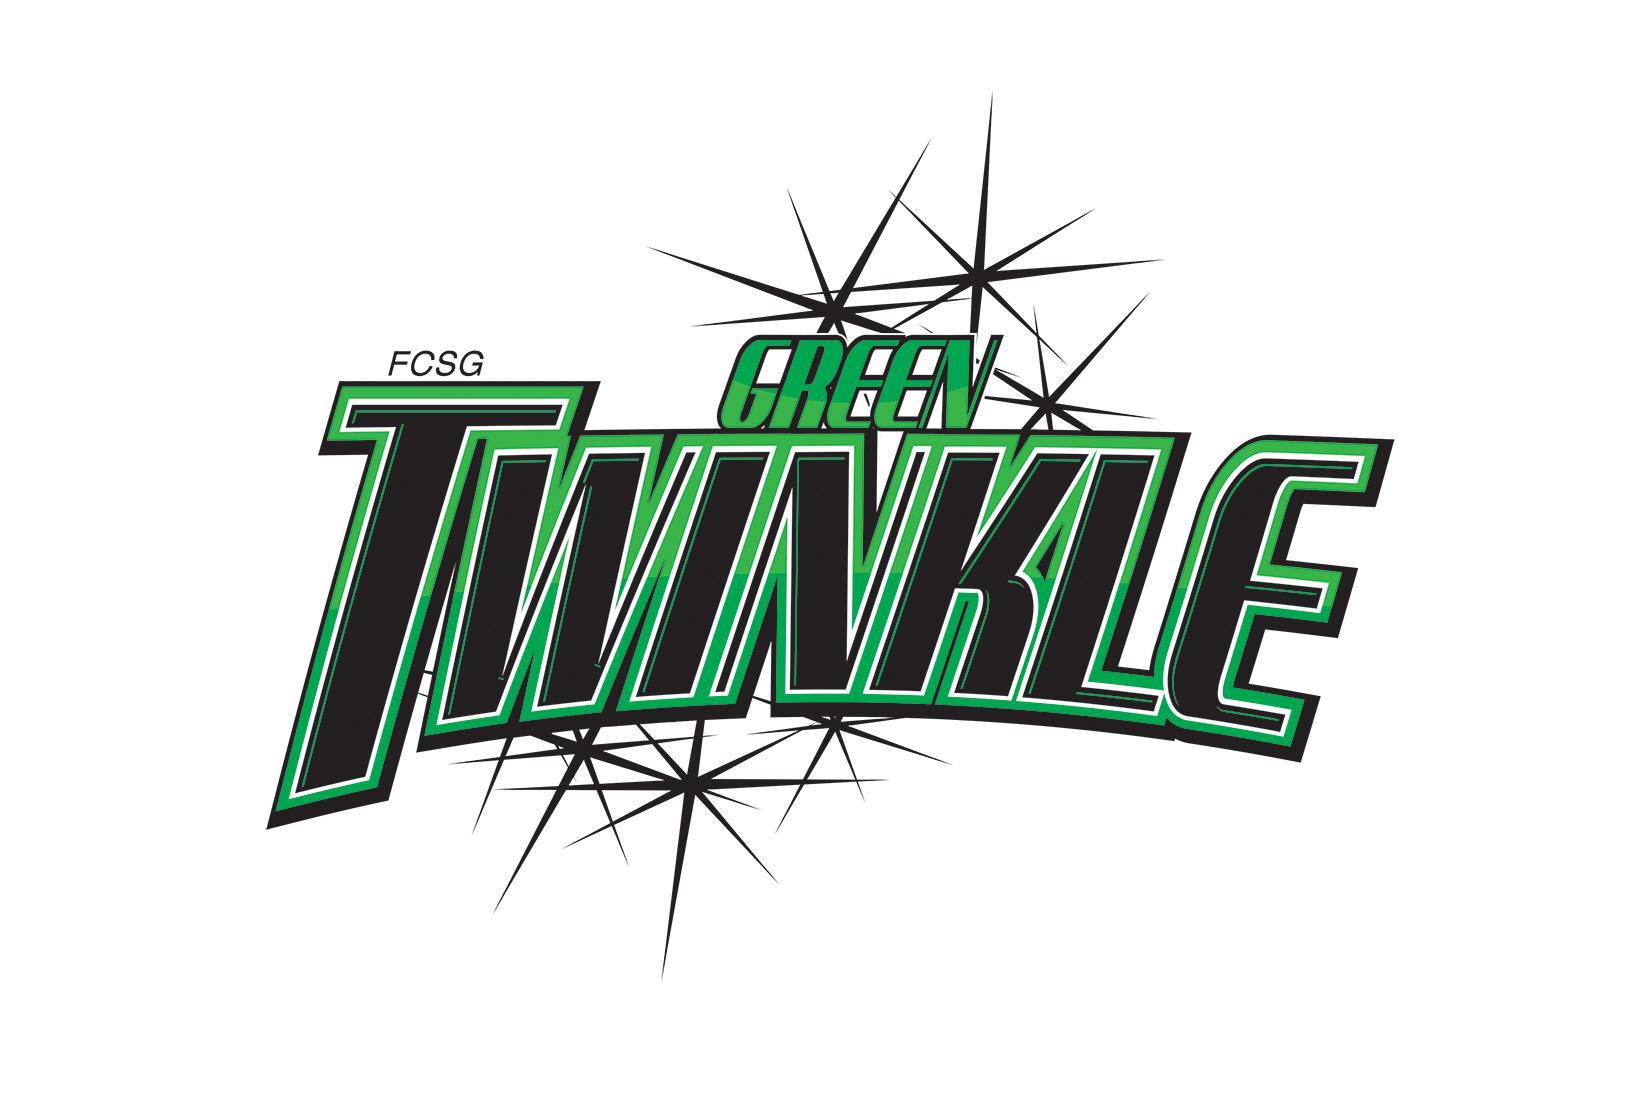 Logo_FCSG_Twinkle